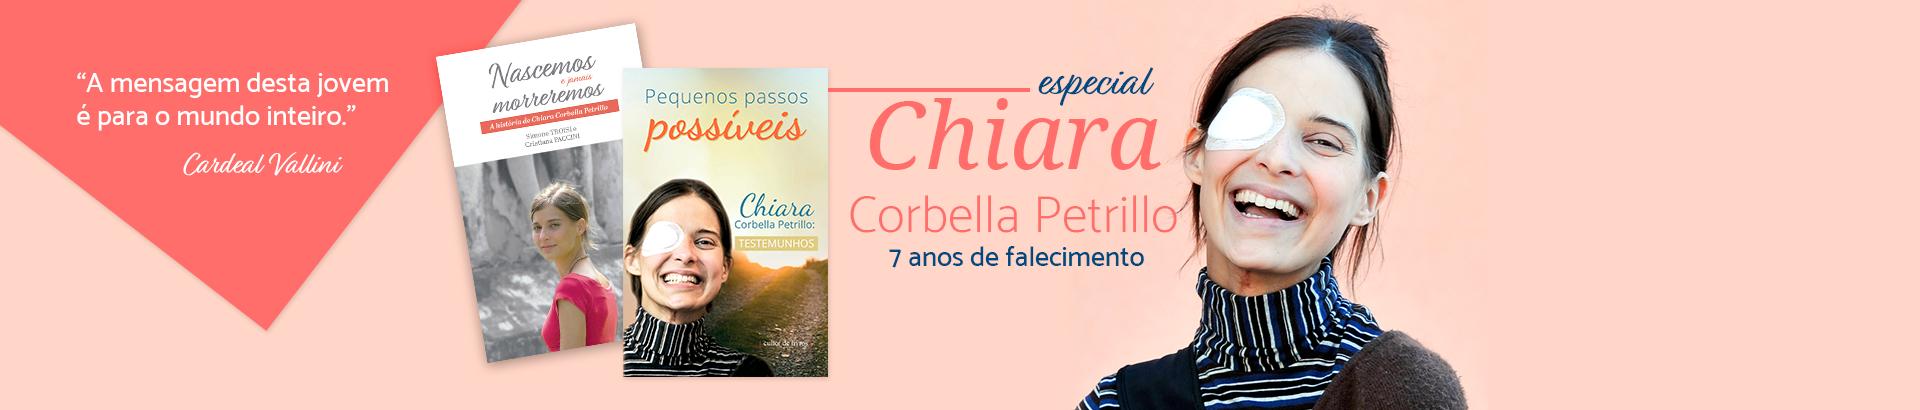 Chiara Corbella Especial 7 anos de falecimento